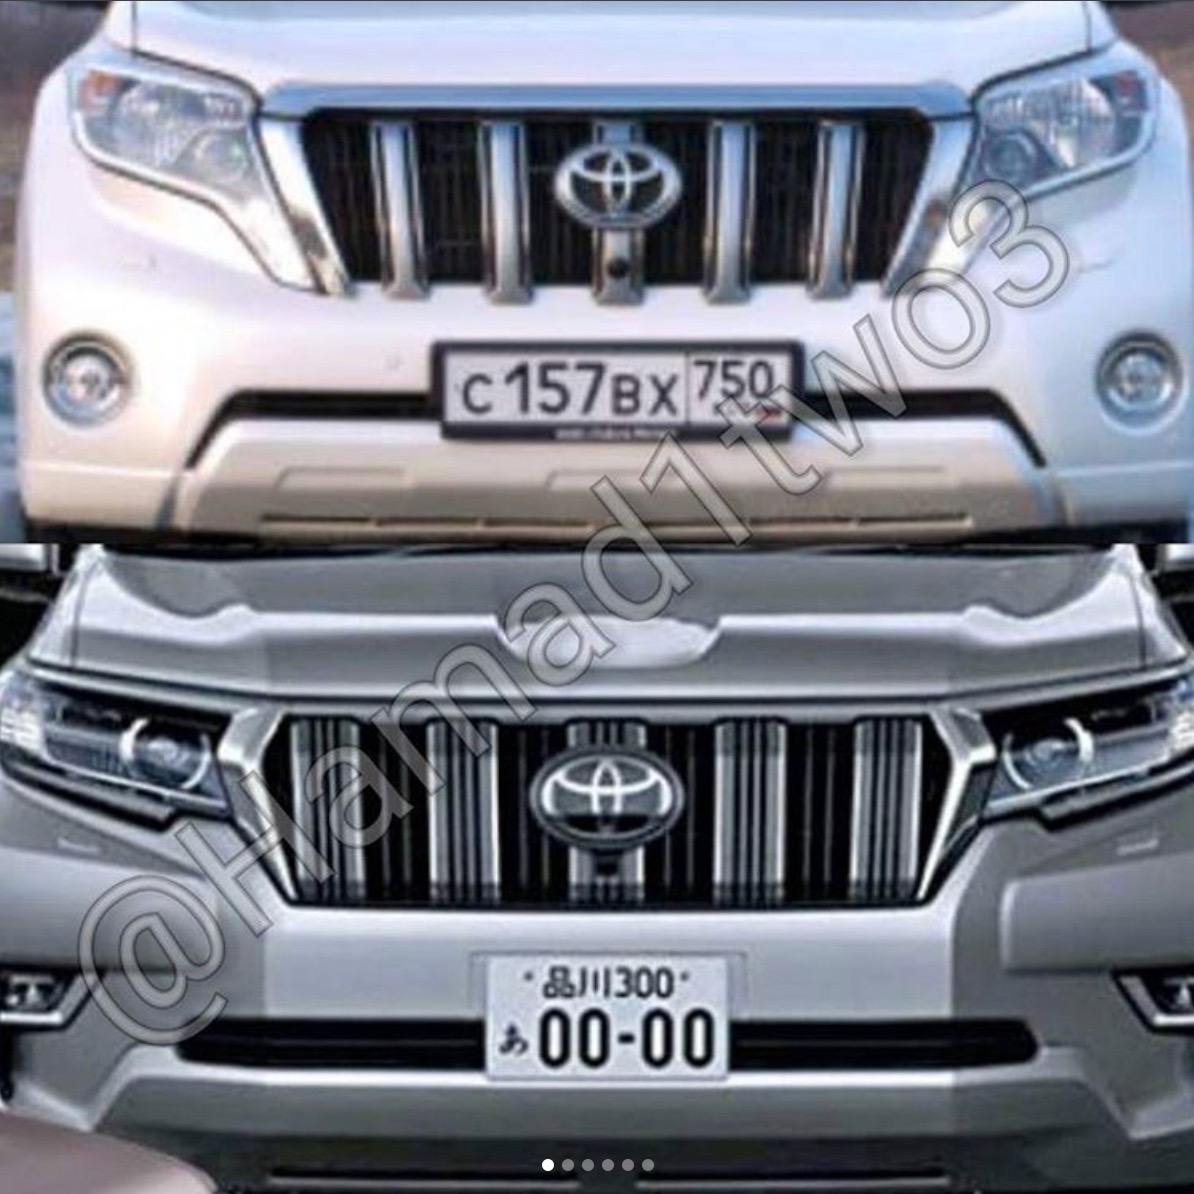 2017-06-27 Prado-Facelift 2018 02